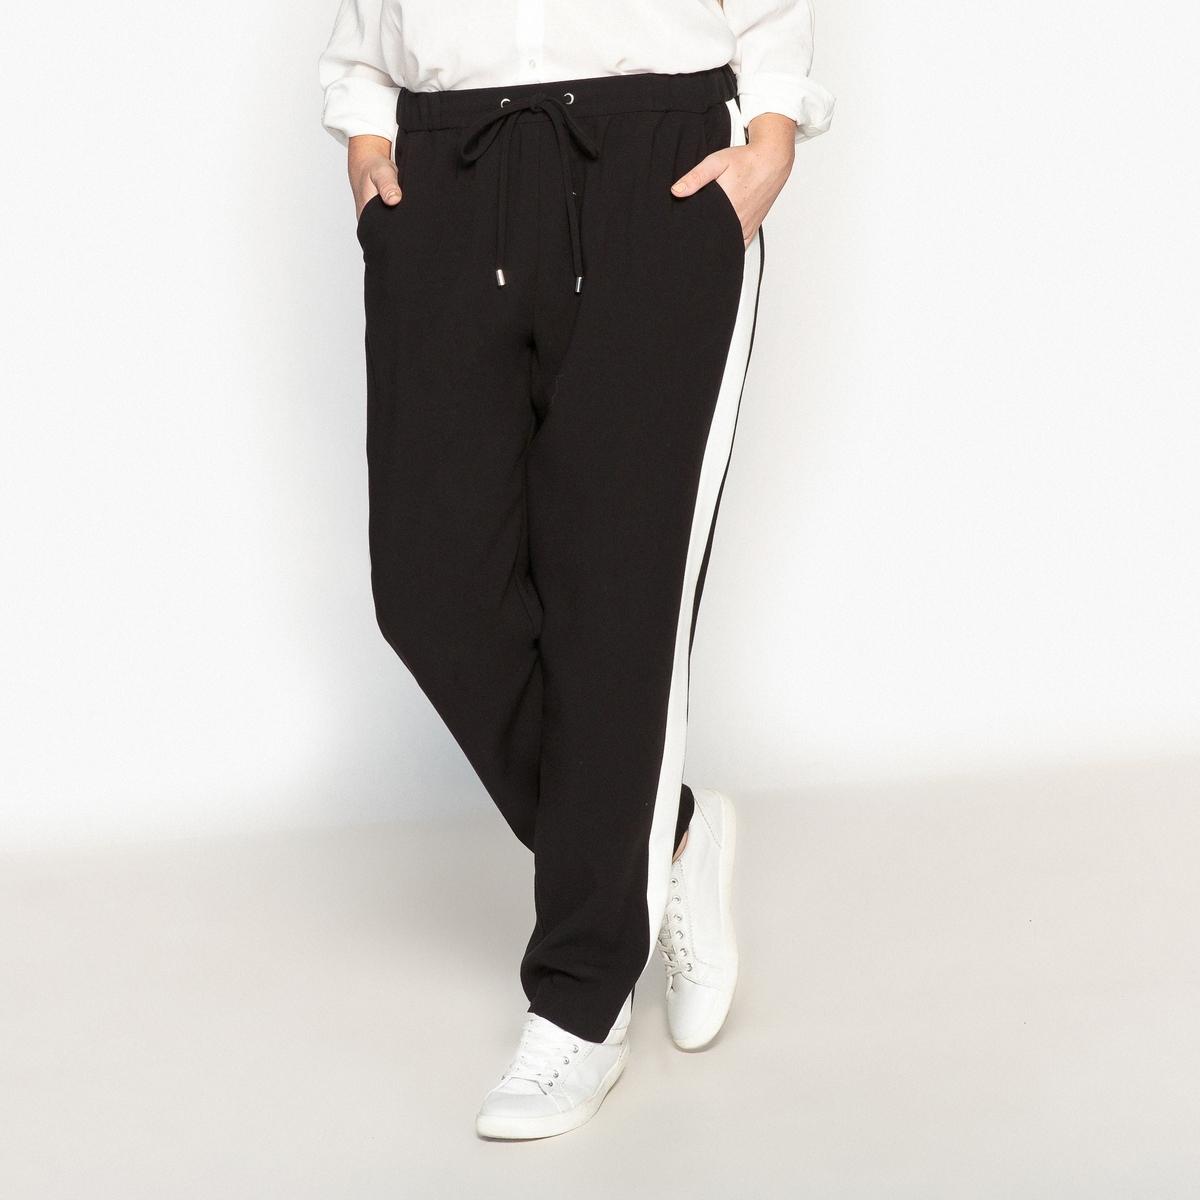 Брюки с полосками по бокамОписание:Струящиеся брюки в изящном спортивном стиле с контрастными полосками по бокам. Стильные и комфортные благодаря эластичному поясу брюки.Детали •  Узкие, дудочки •  Стандартная высота пояса •  Эластичный поясСостав и уход •  36% вискозы, 4% эластана, 60% полиэстера •  Температура стирки 30°   •  Сухая чистка и отбеливание запрещены •  Не использовать барабанную сушку   •  Низкая температура глажки   ВАЖНО: Товар без манжетТовар из коллекции больших размеров •  Контрастные полоски по бокам. •  Длина по внутр.шву 78 см, ширина по низу 20,5 см<br><br>Цвет: хаки,черный<br>Размер: 48 (FR) - 54 (RUS).44 (FR) - 50 (RUS).50 (FR) - 56 (RUS).58 (FR) - 64 (RUS).56 (FR) - 62 (RUS).46 (FR) - 52 (RUS).54 (FR) - 60 (RUS).46 (FR) - 52 (RUS)